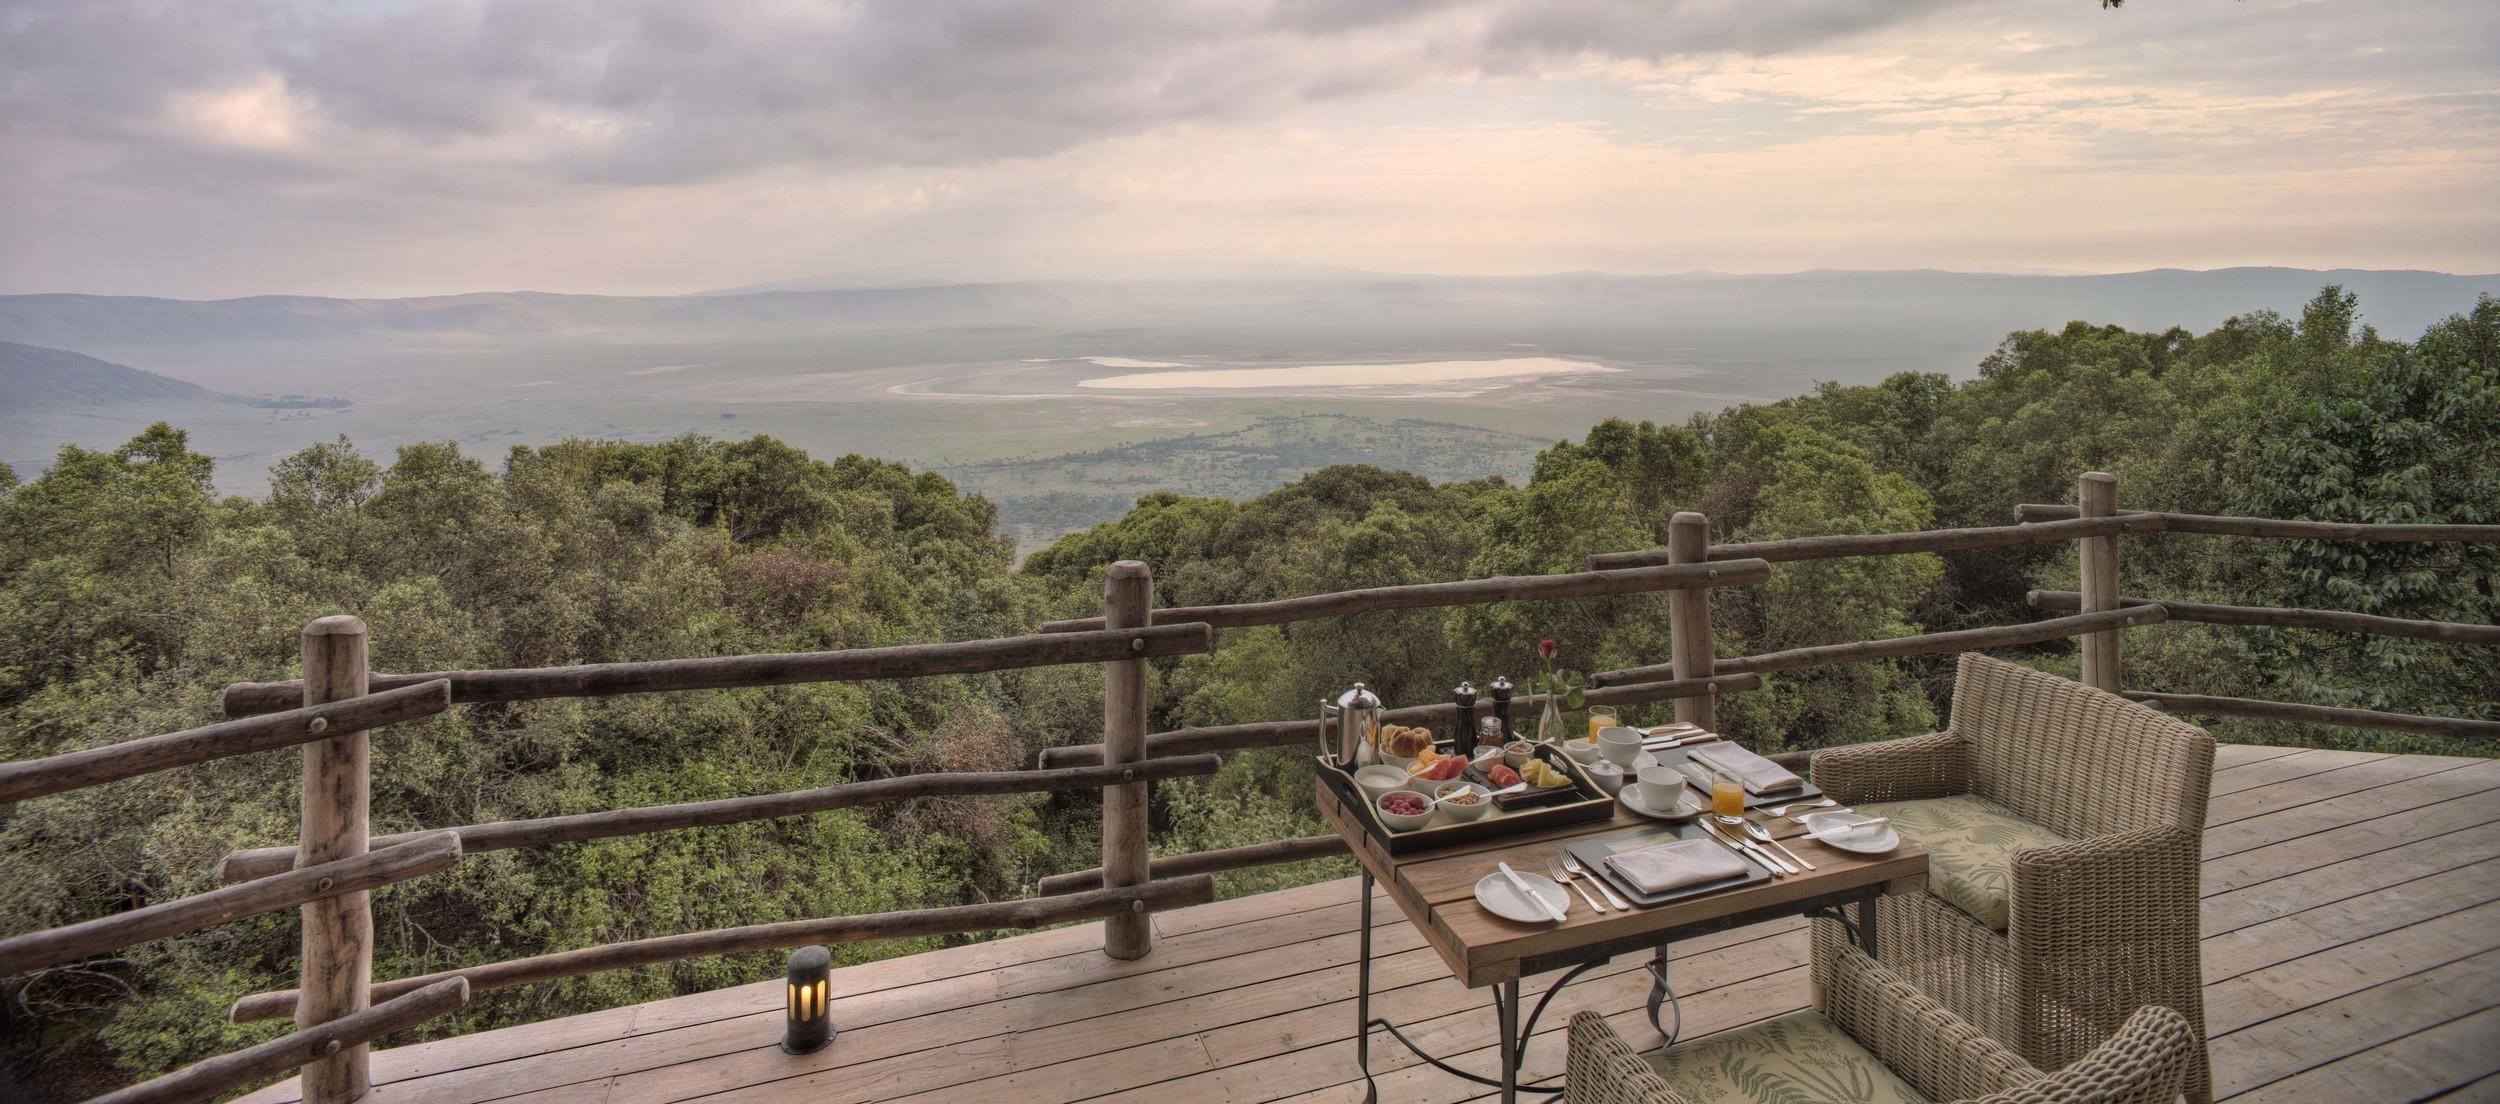 Ngorongoro_crater_lodge18.jpg